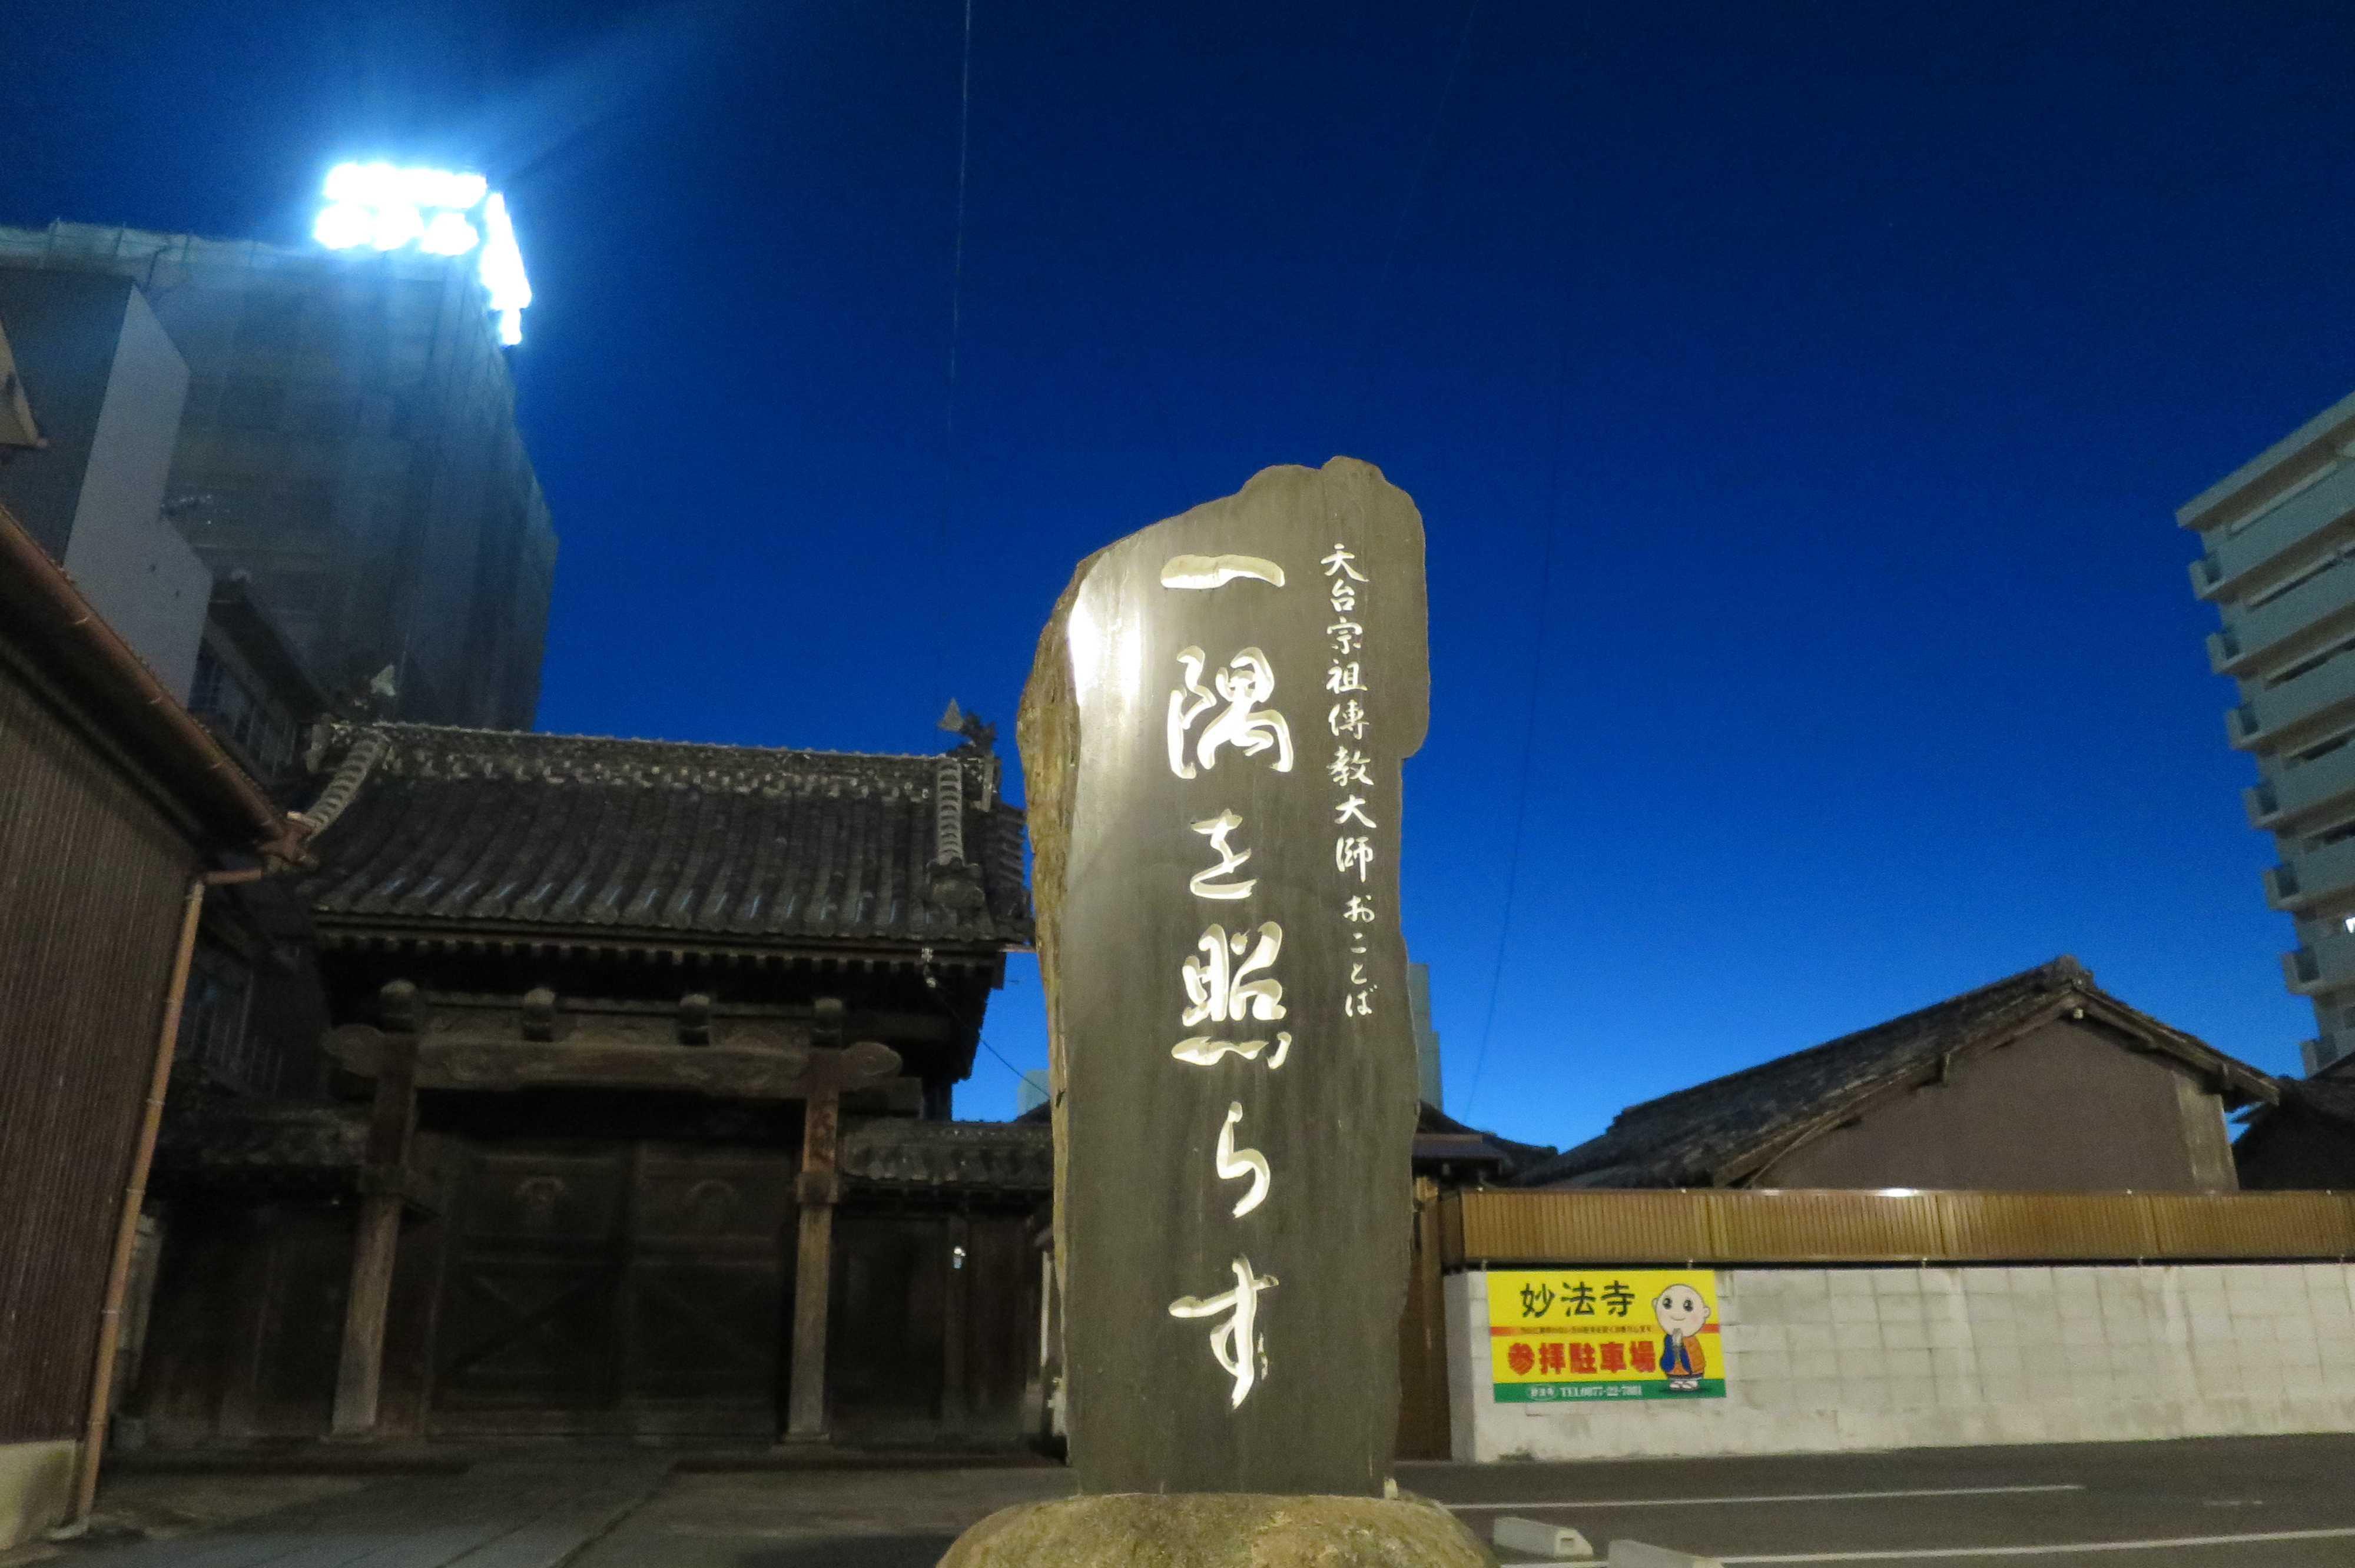 丸亀 妙法寺 - 伝教大師のお言葉「一隅を照らす」